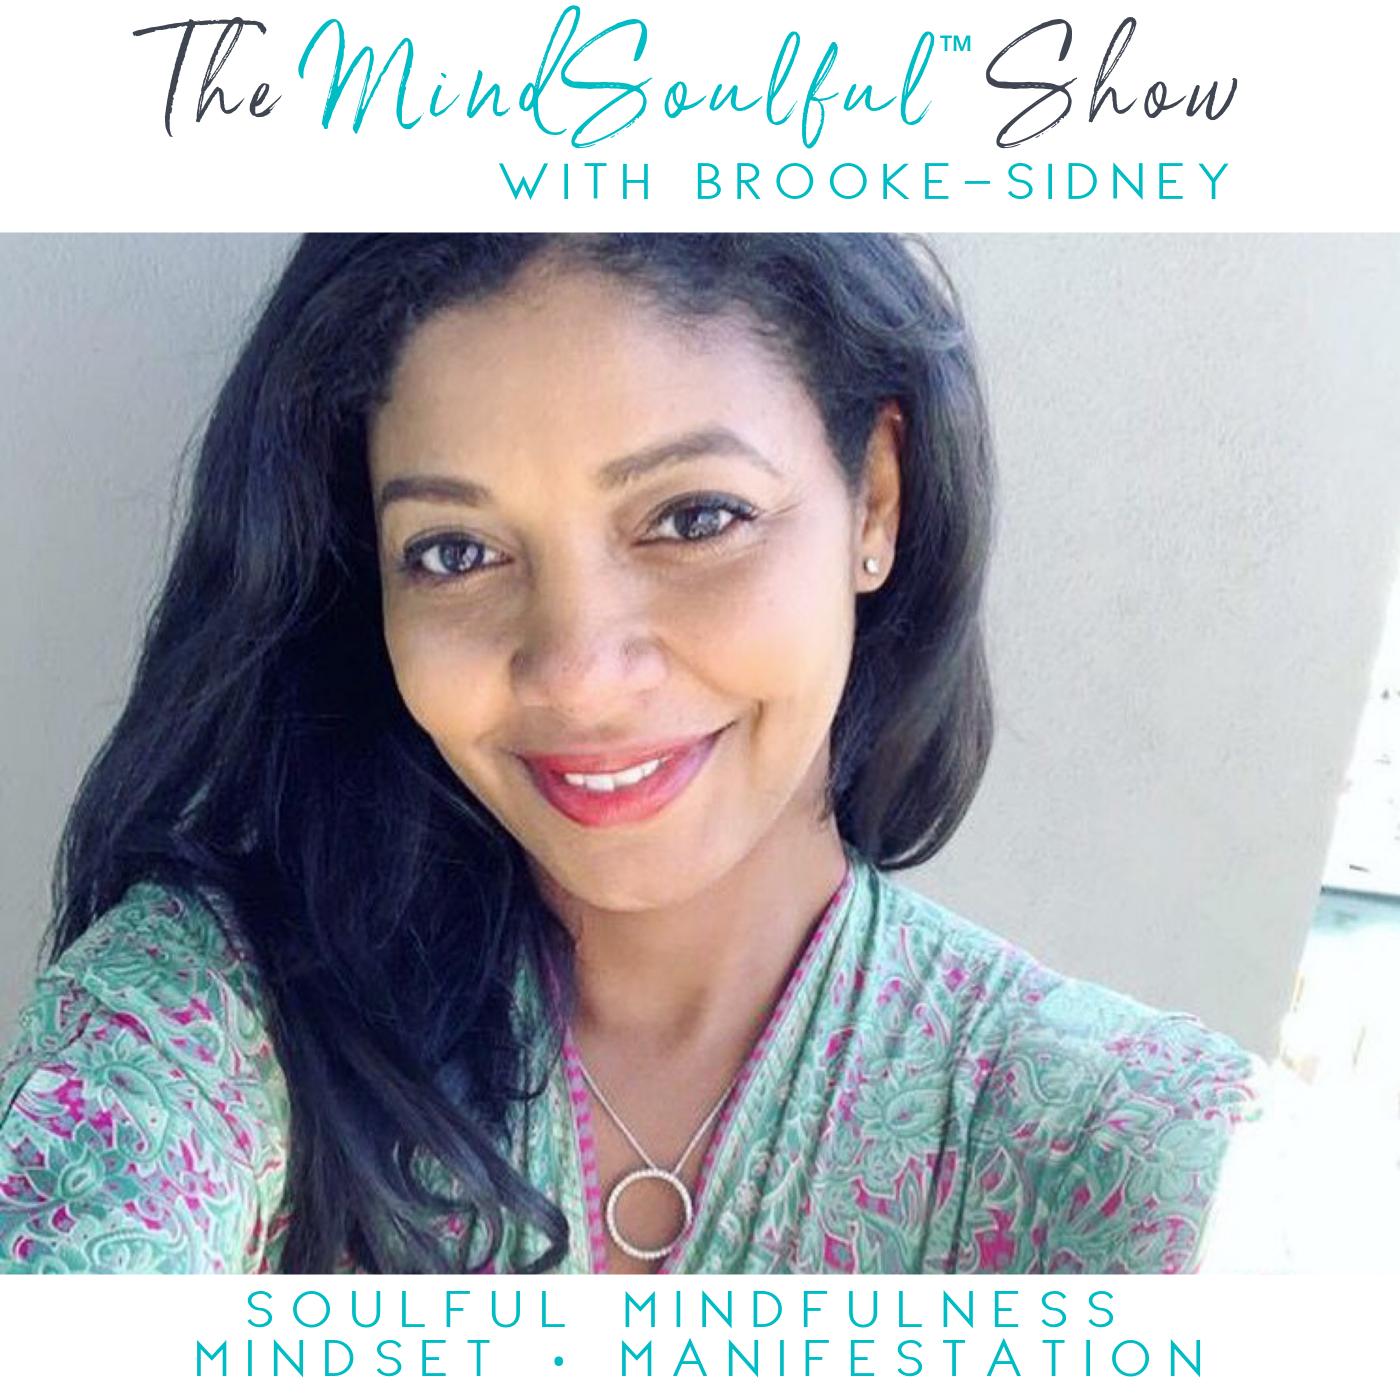 MindSoulful Show with Brooke-Sidney Feb 2019 v13.png